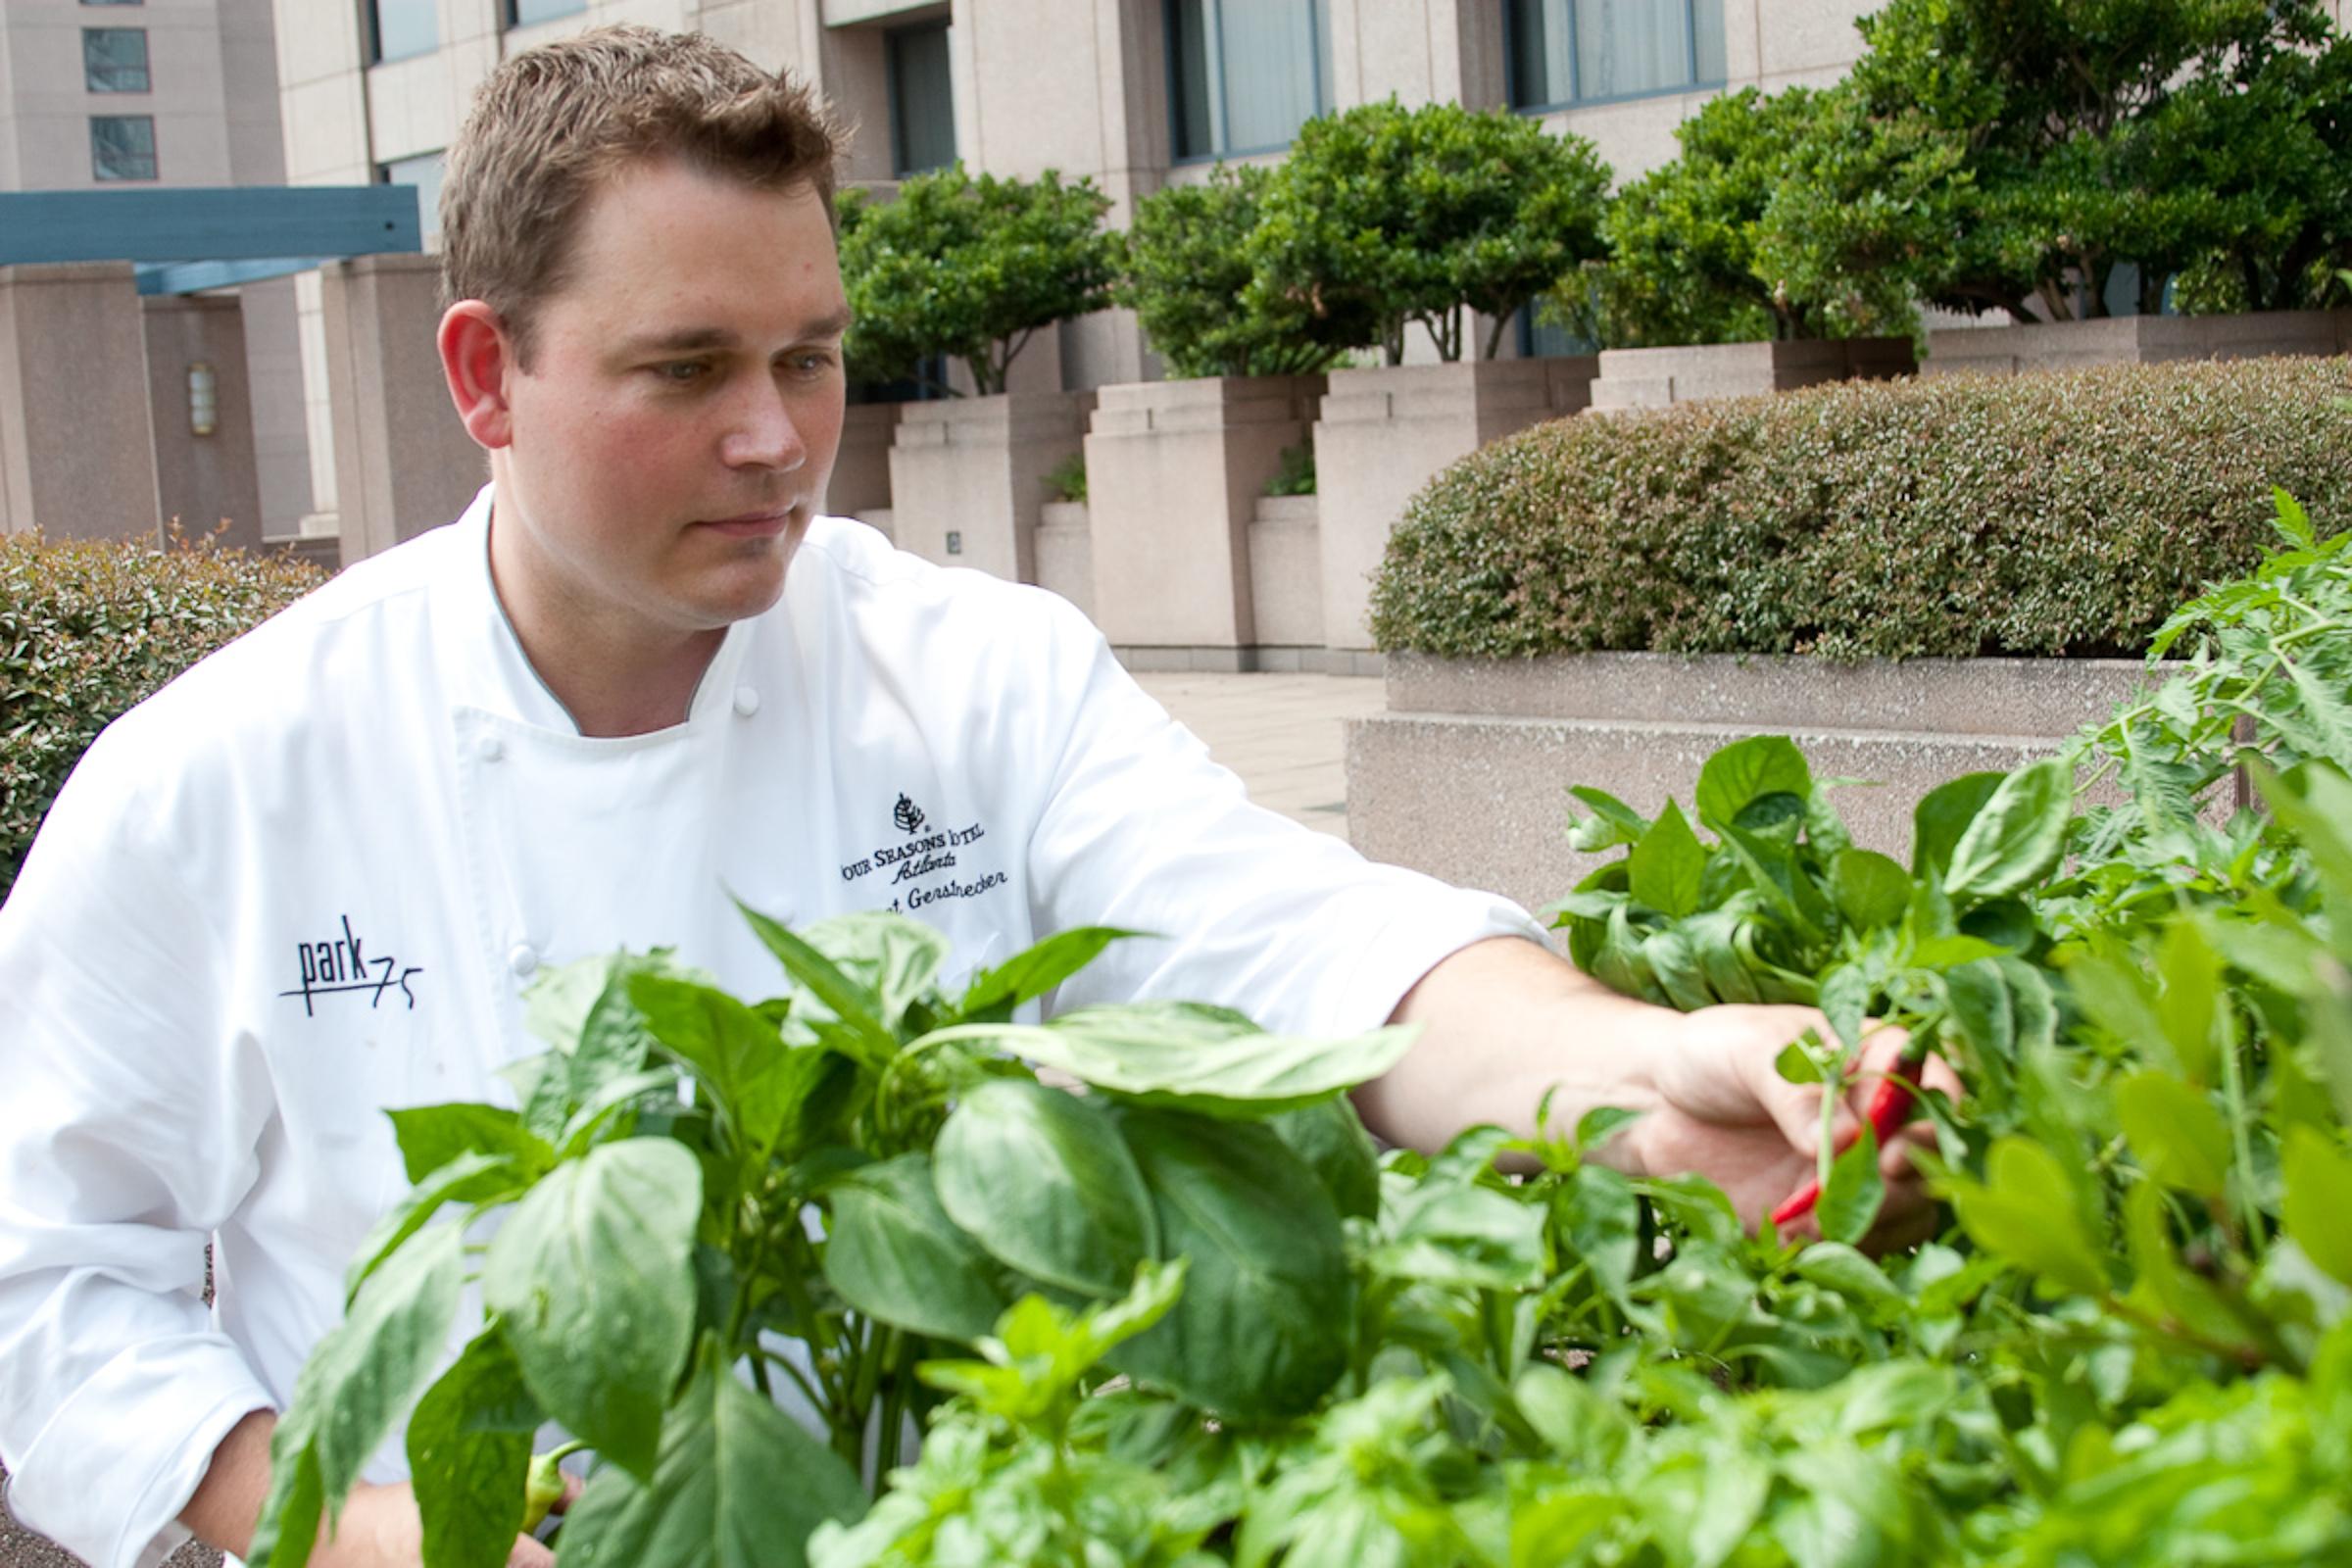 2012-02-20-Chef_Robert_Gerstenecker_Rooftop_Garden.jpg